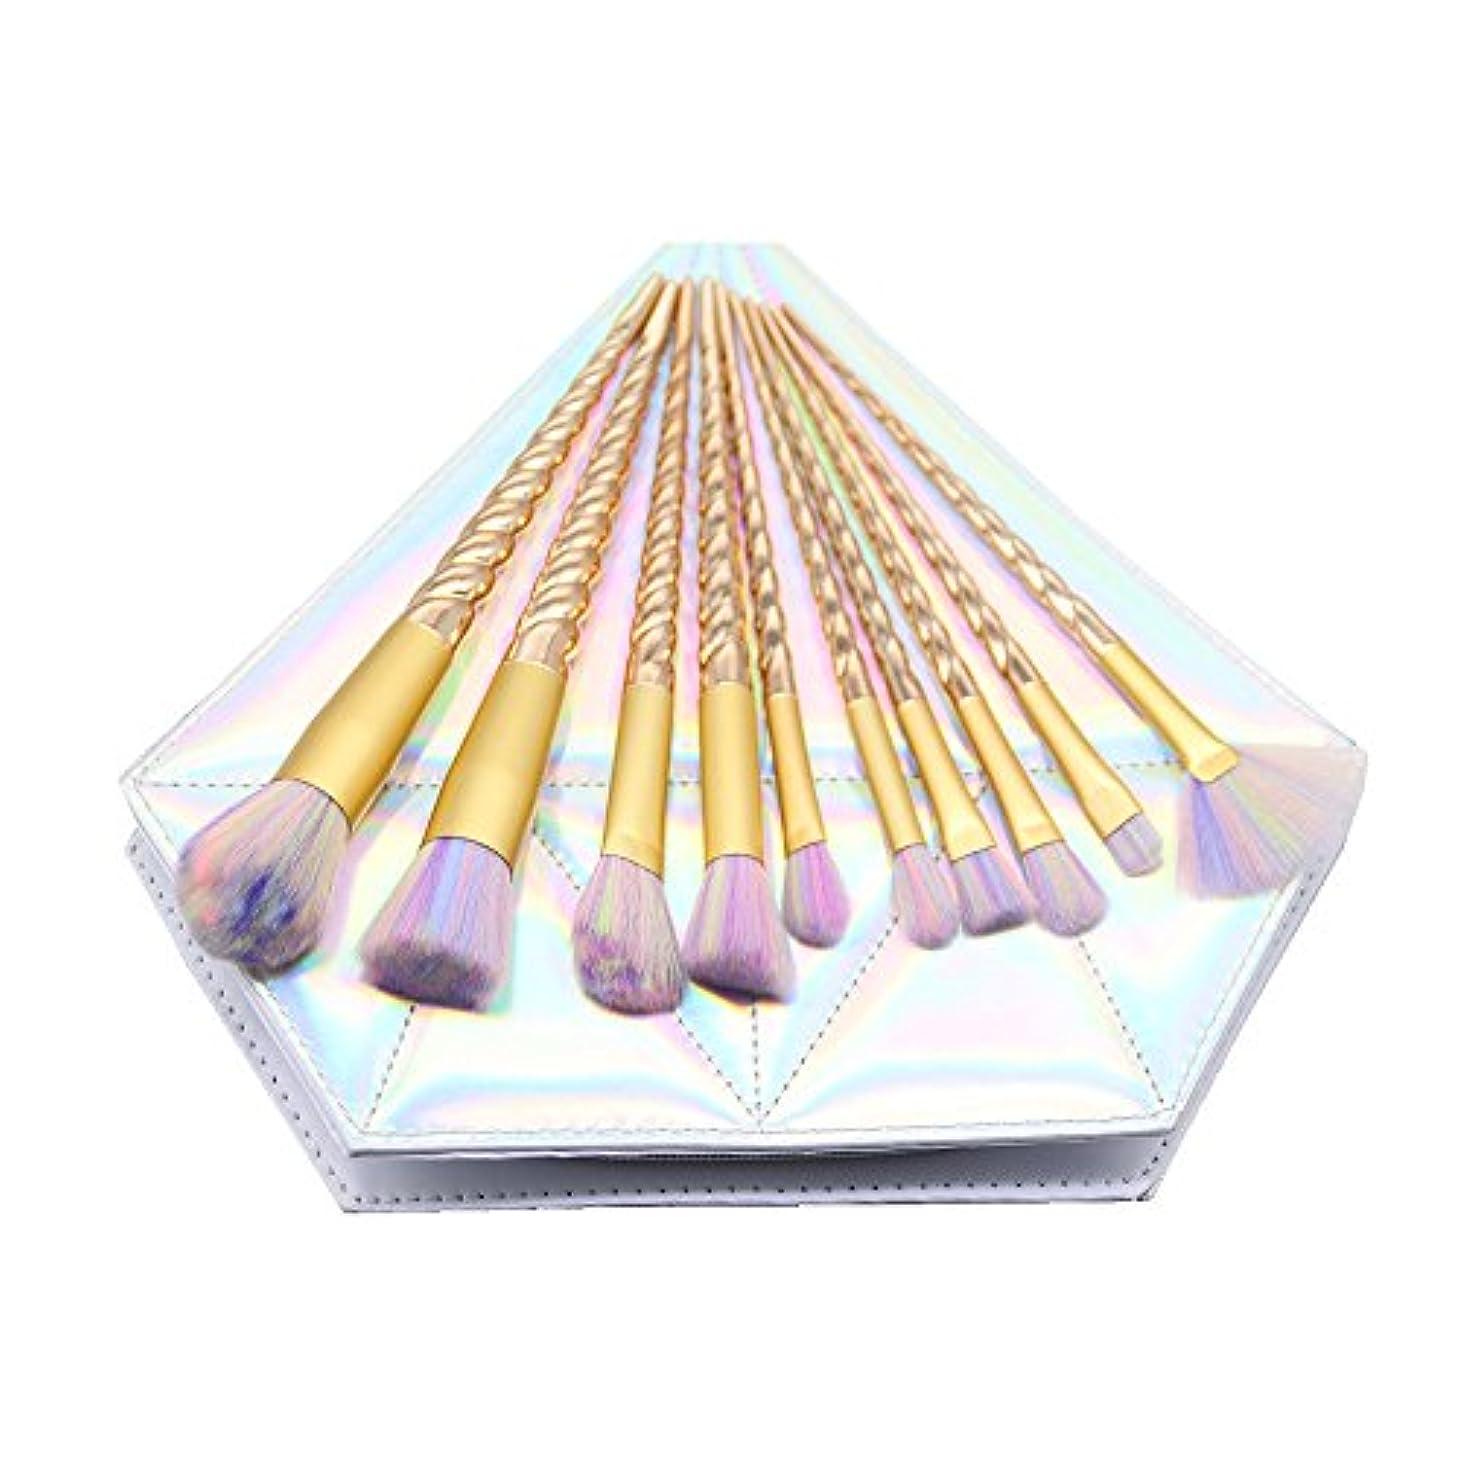 有害な失望させるクリープDilla Beauty メイクブラシセット 10本セット ユニコーンデザイン プラスチックハンドル 合成毛 ファンデーションブラシ アイシャドーブラッシャー 美容ツール 化粧品のバッグ付き